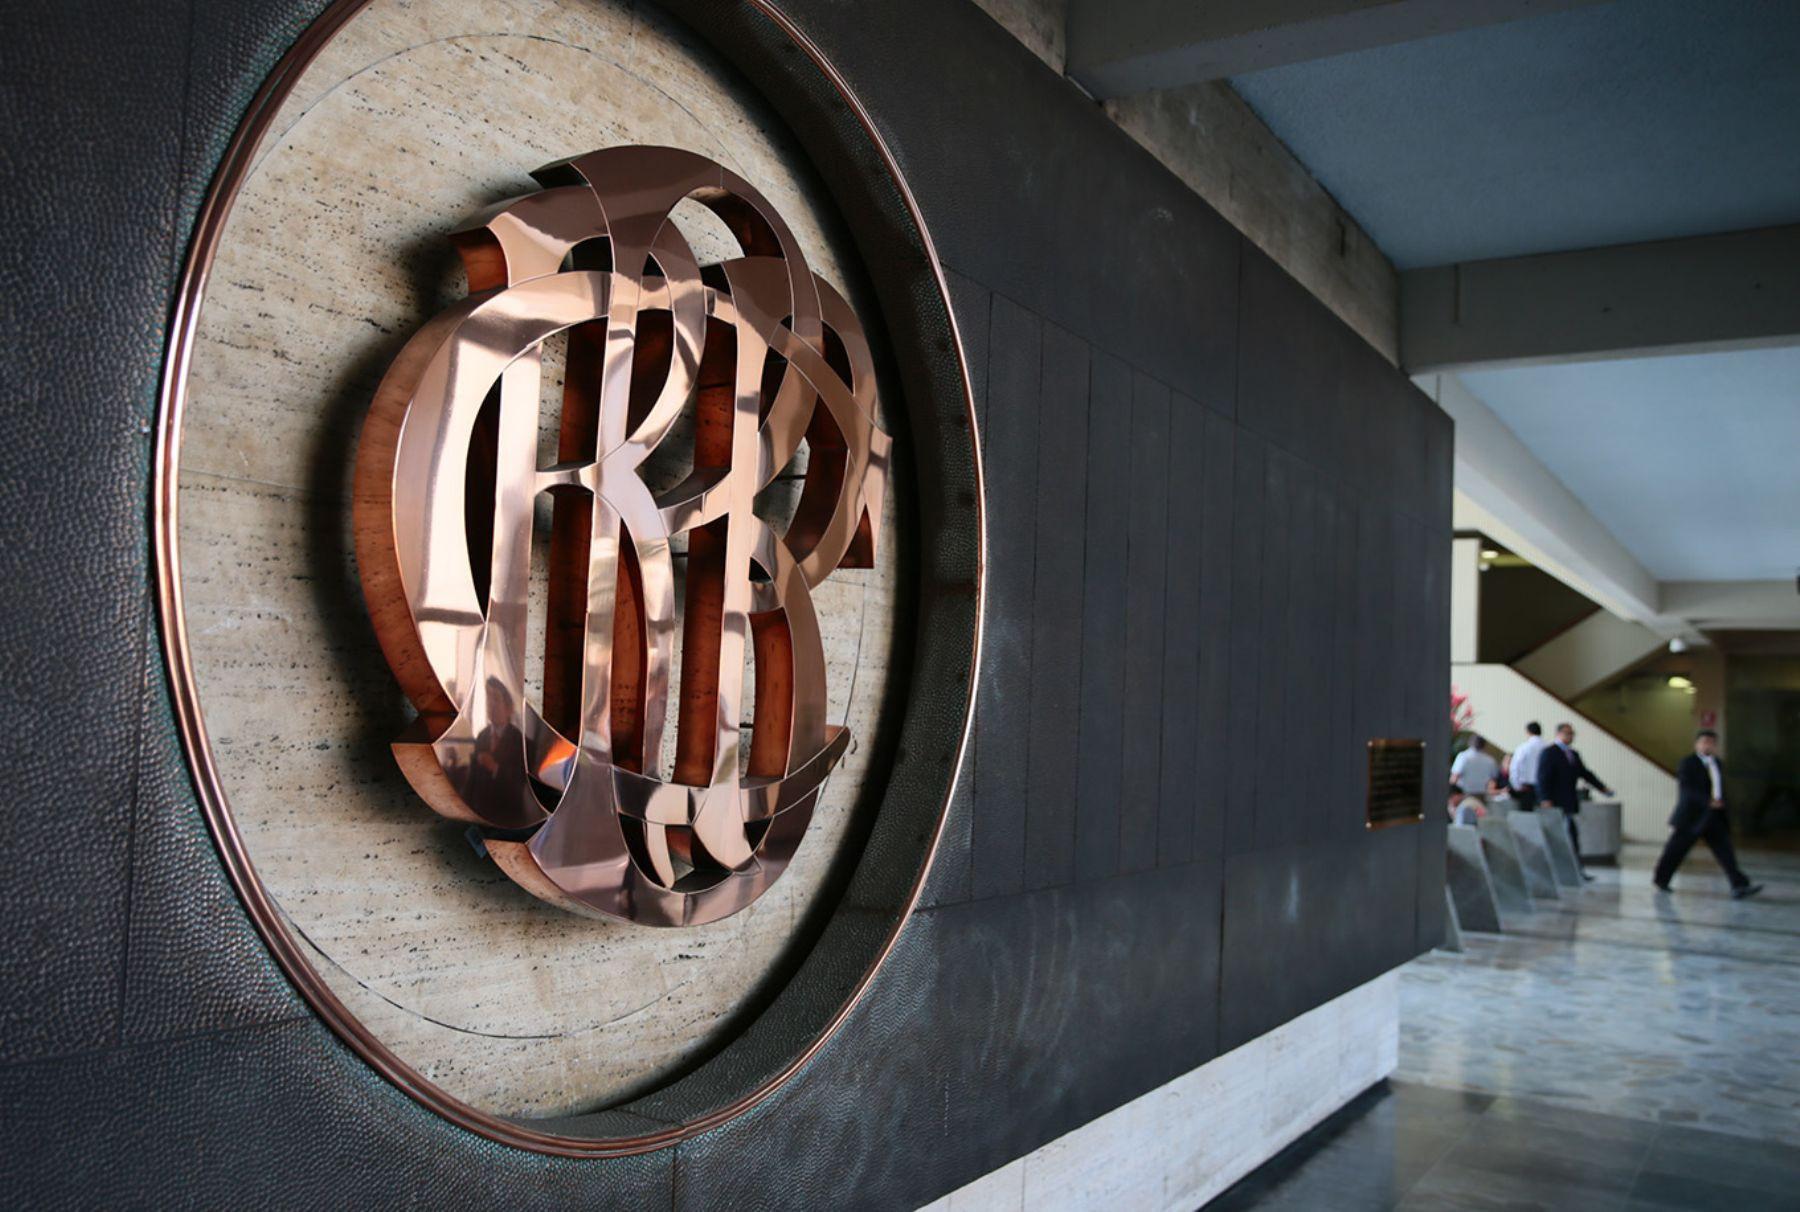 bcr-credito-al-sector-privado-crecio-137-en-mayo-por-reactiva-peru